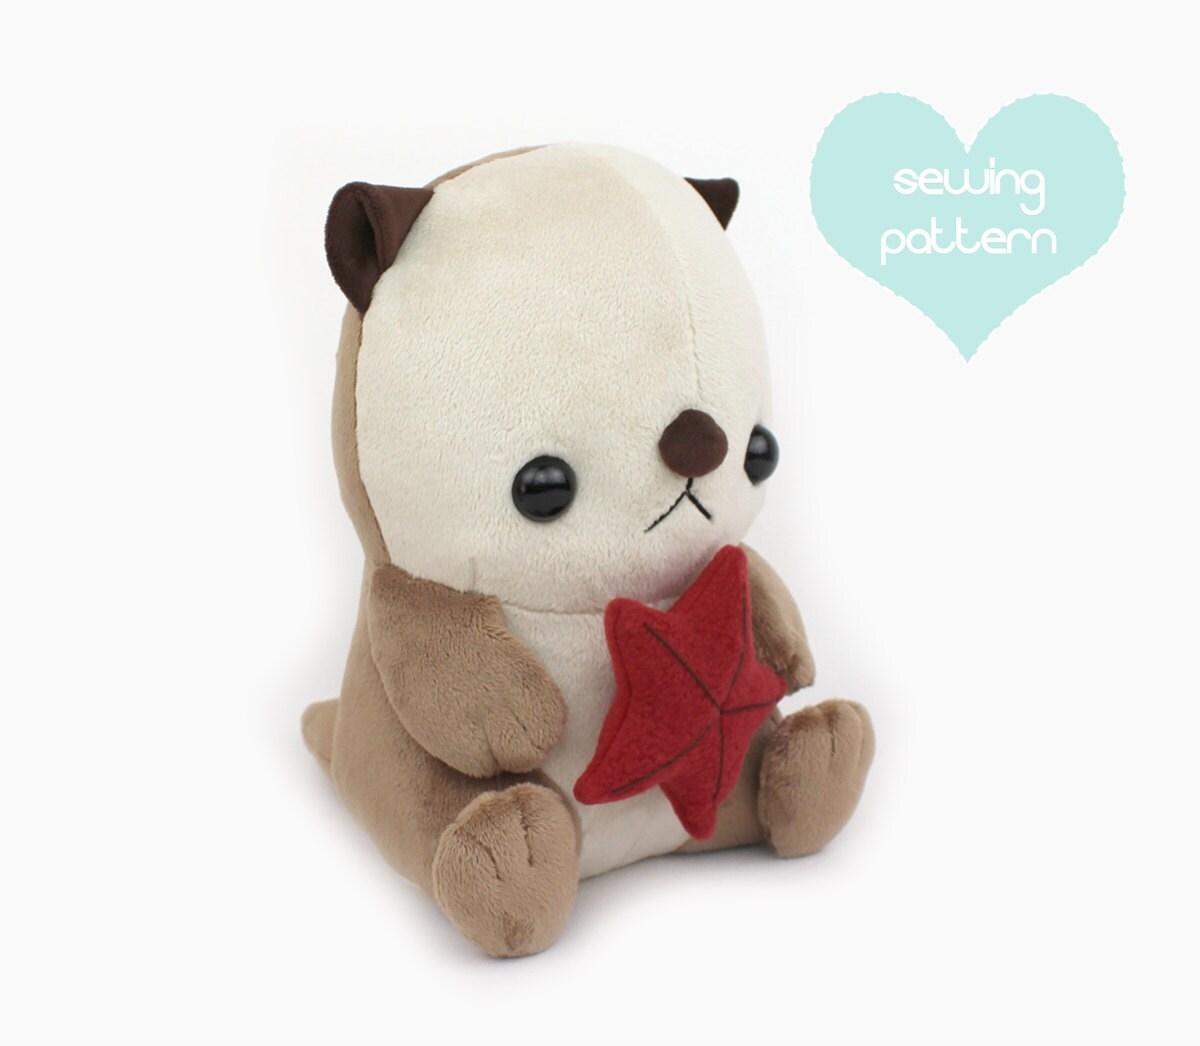 Pdf sewing pattern sea otter plush stuffed animal tutorial zoom jeuxipadfo Image collections